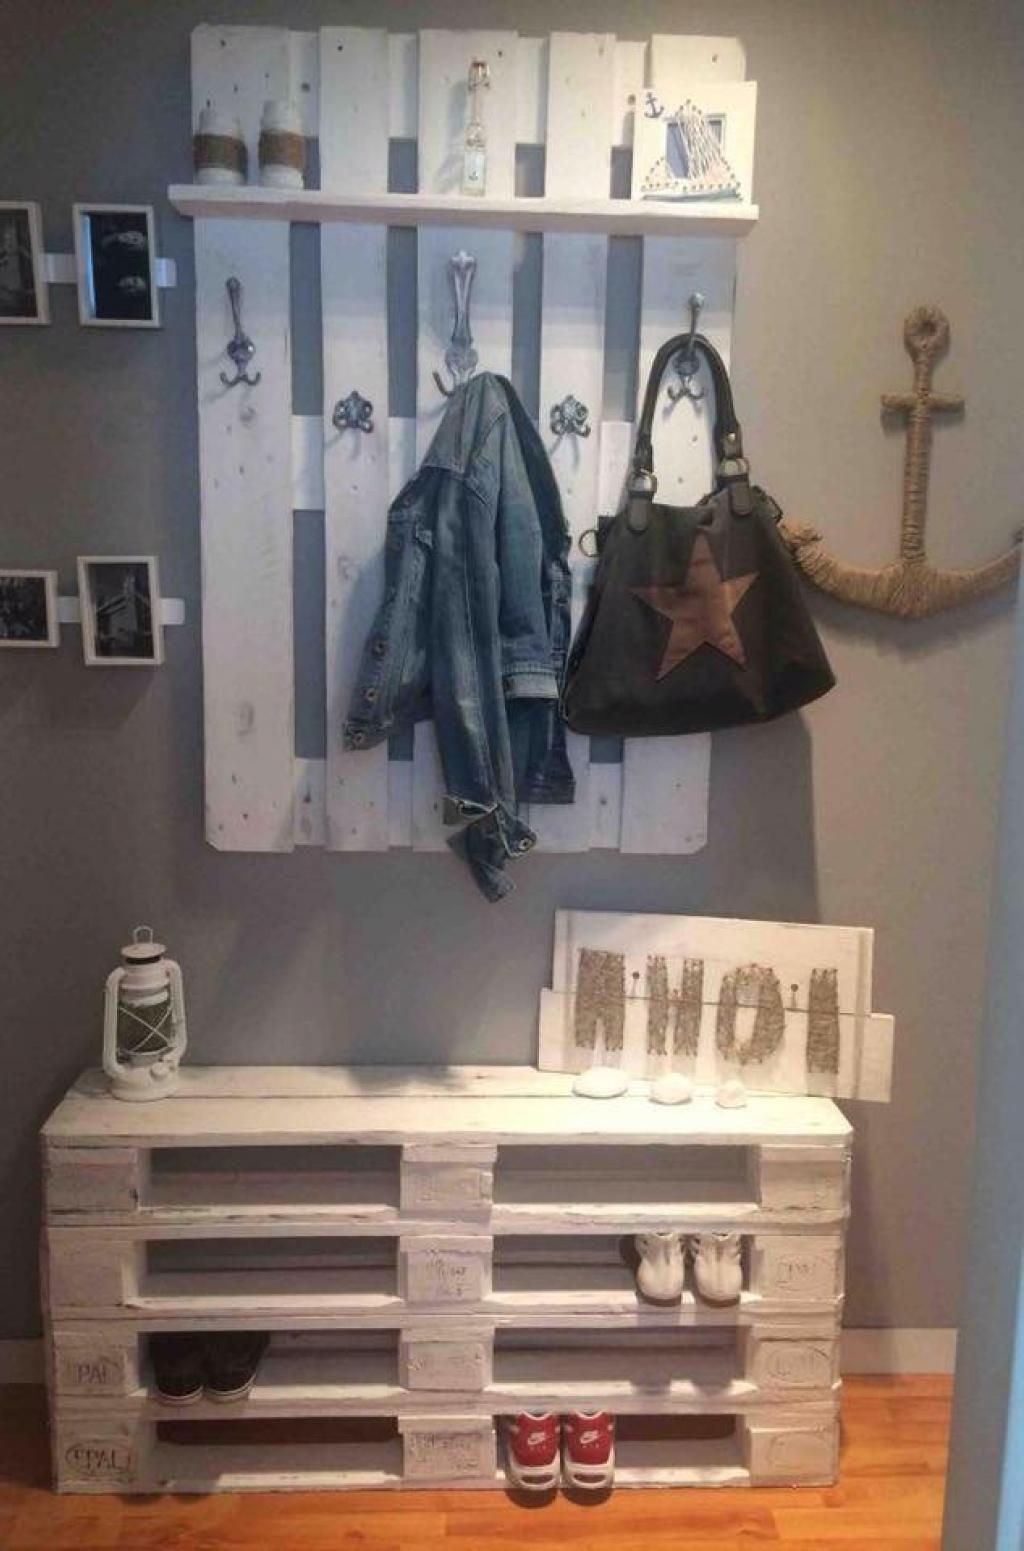 l 39 aide de palettes de bois il construit une garde robe parfaite pour sa conjointe sans. Black Bedroom Furniture Sets. Home Design Ideas